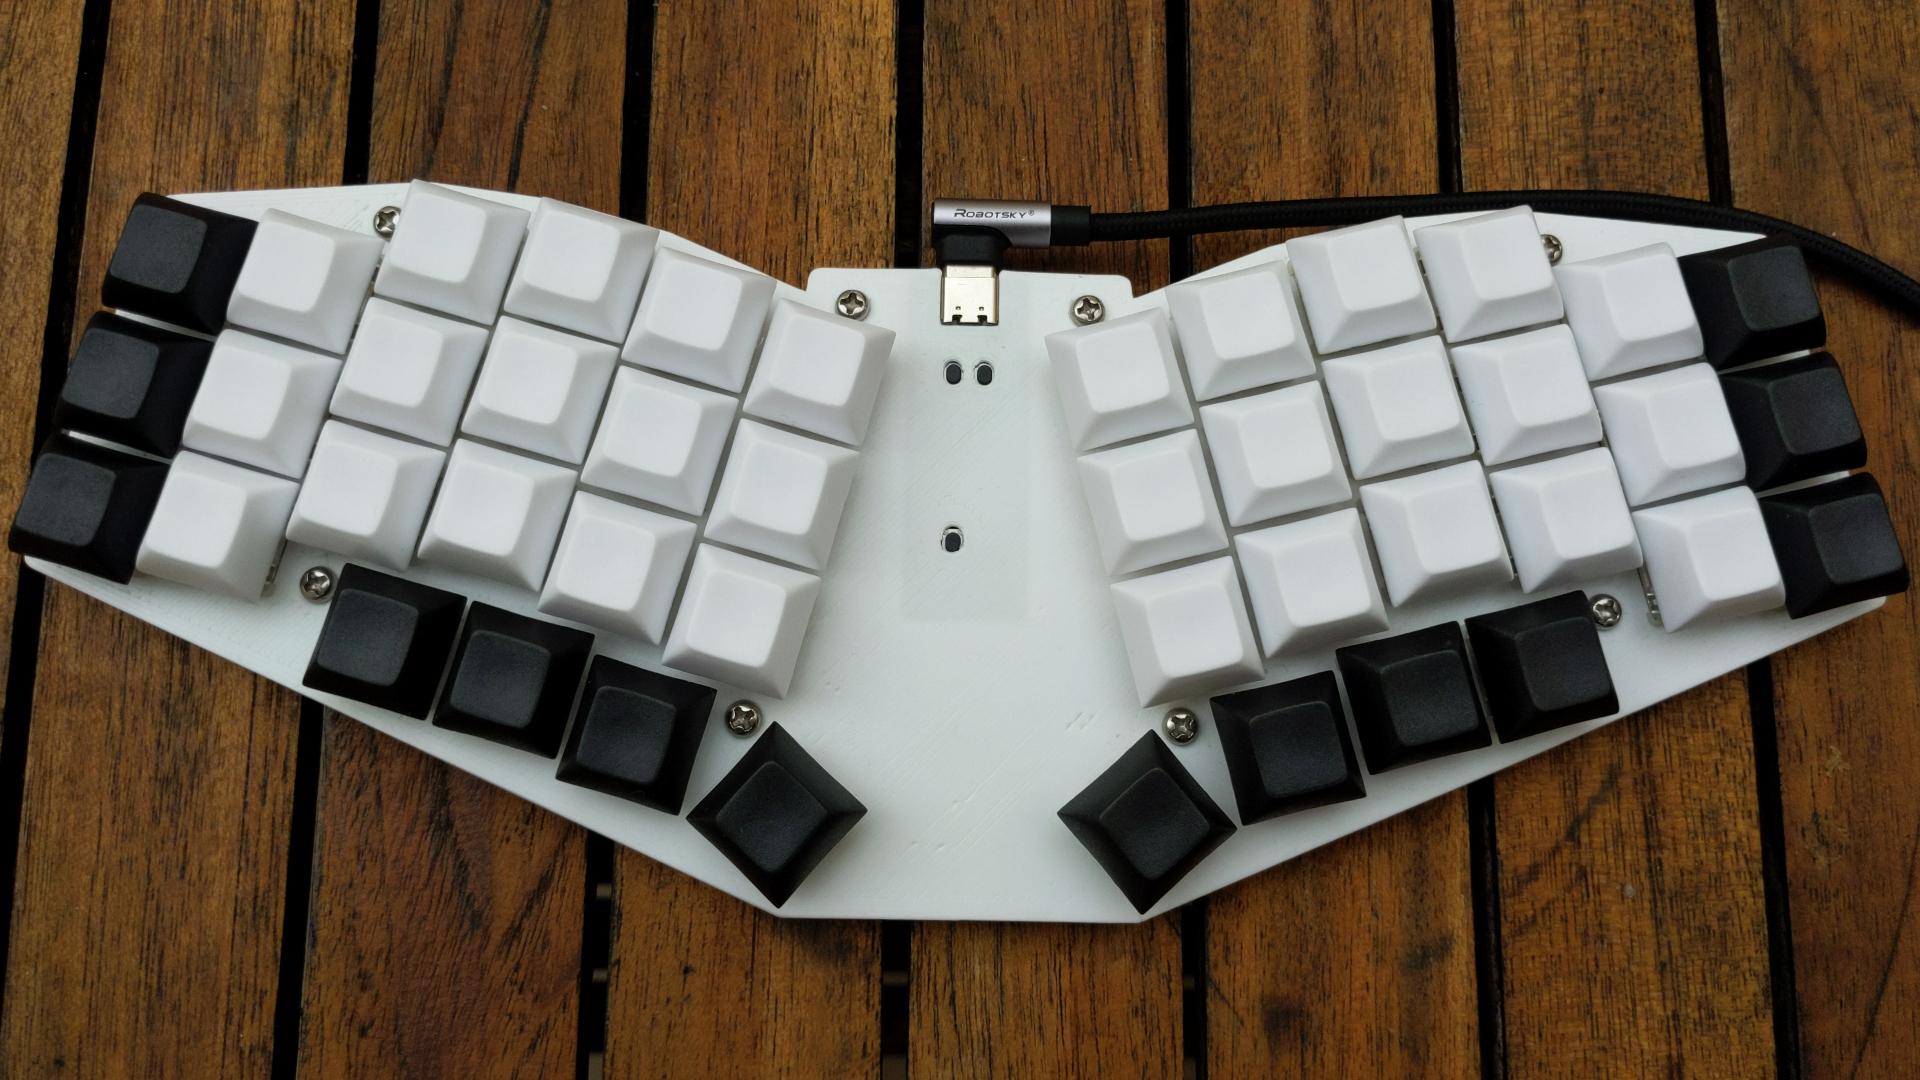 Keyberon-f4